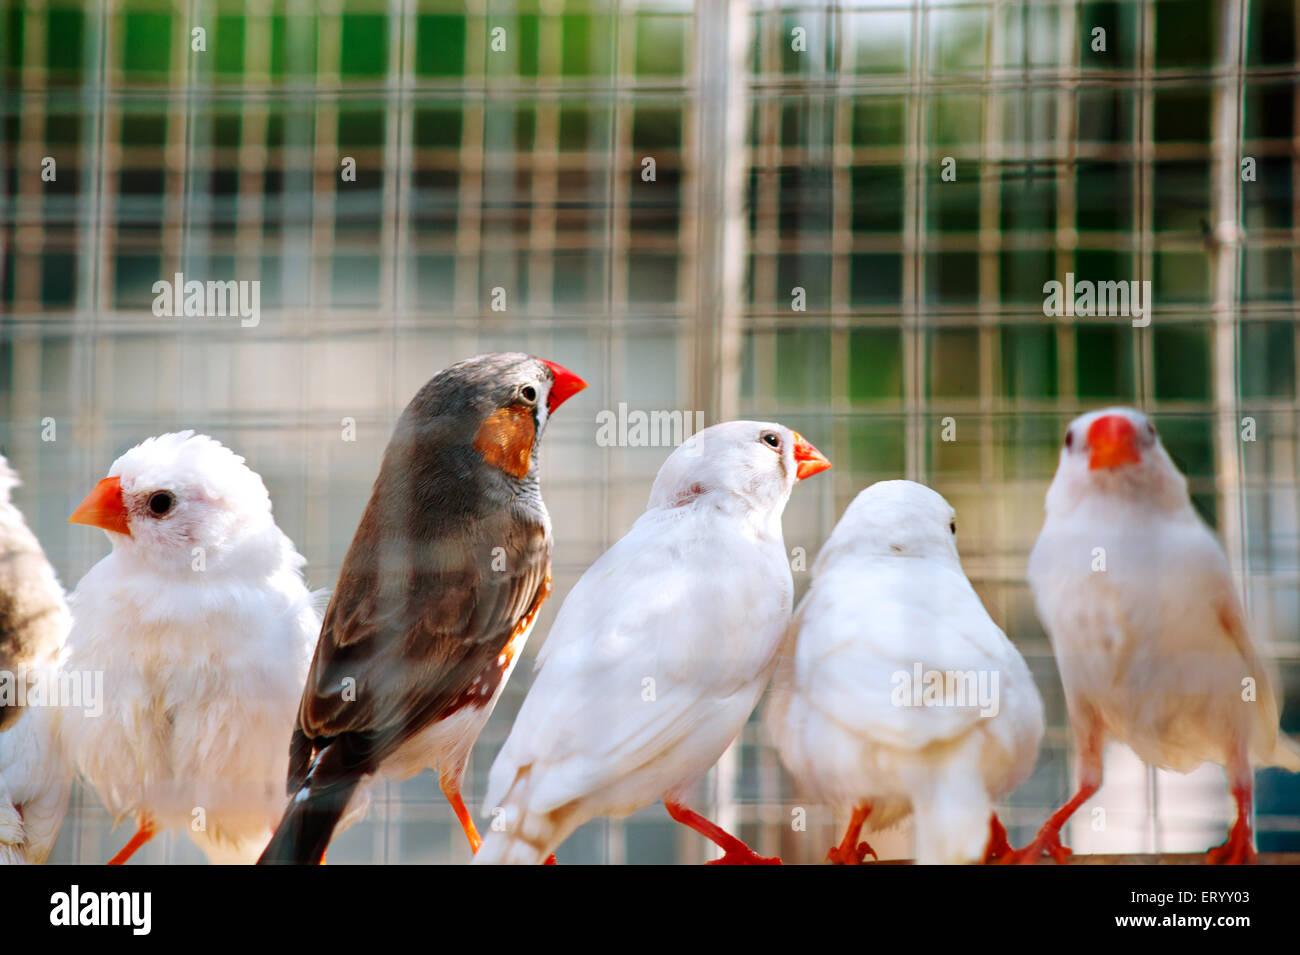 Aviario bird facturas cera común Imagen De Stock